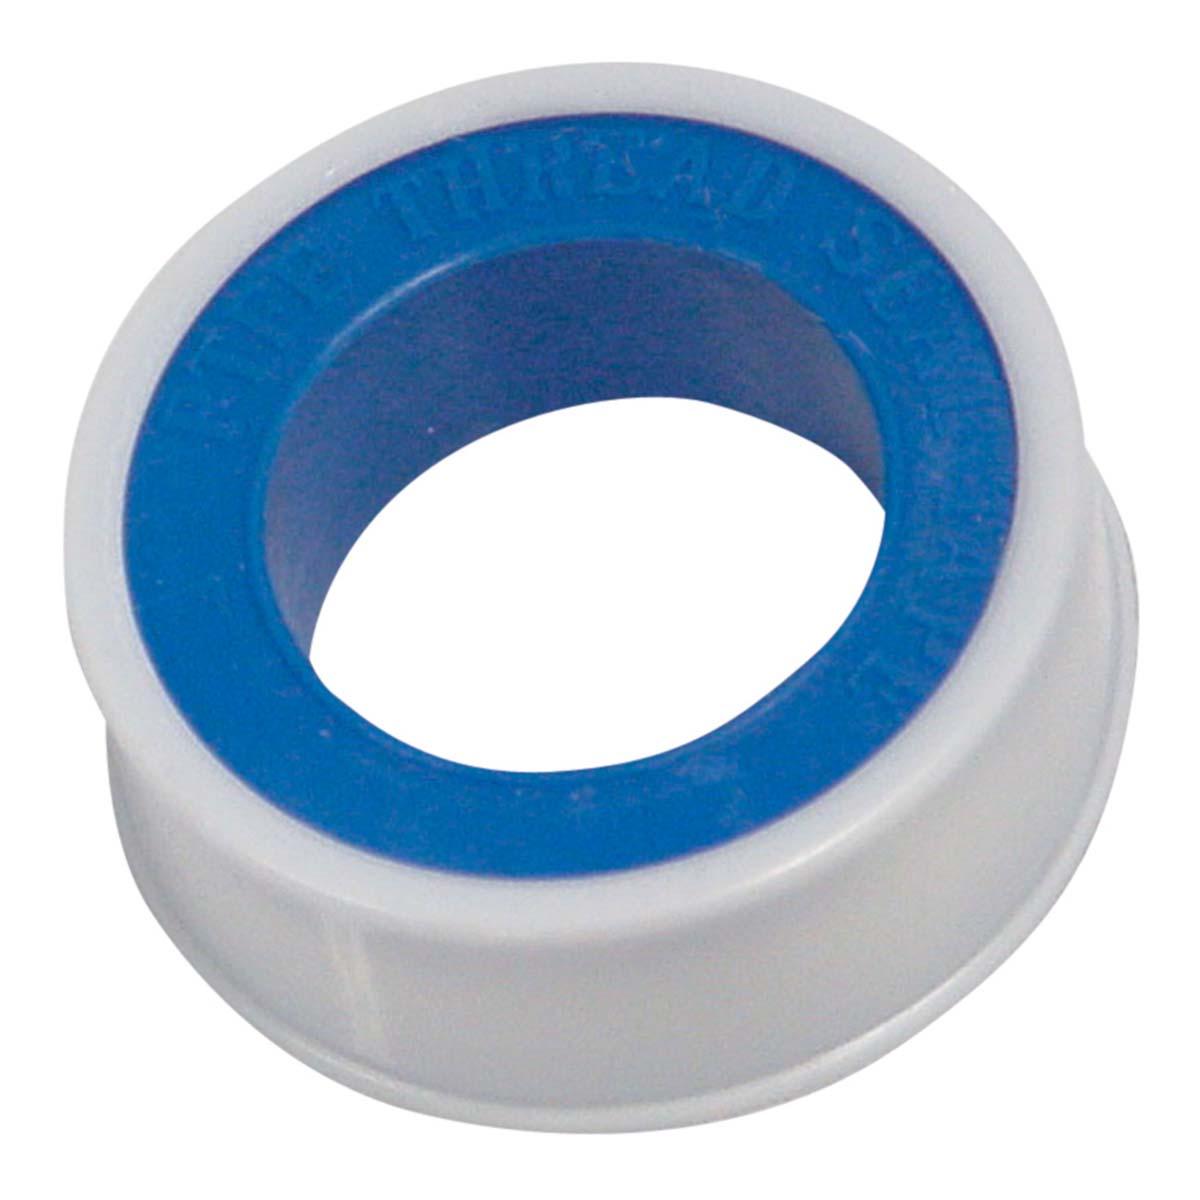 Tape Plumbers Each 1 S L Gt Ools